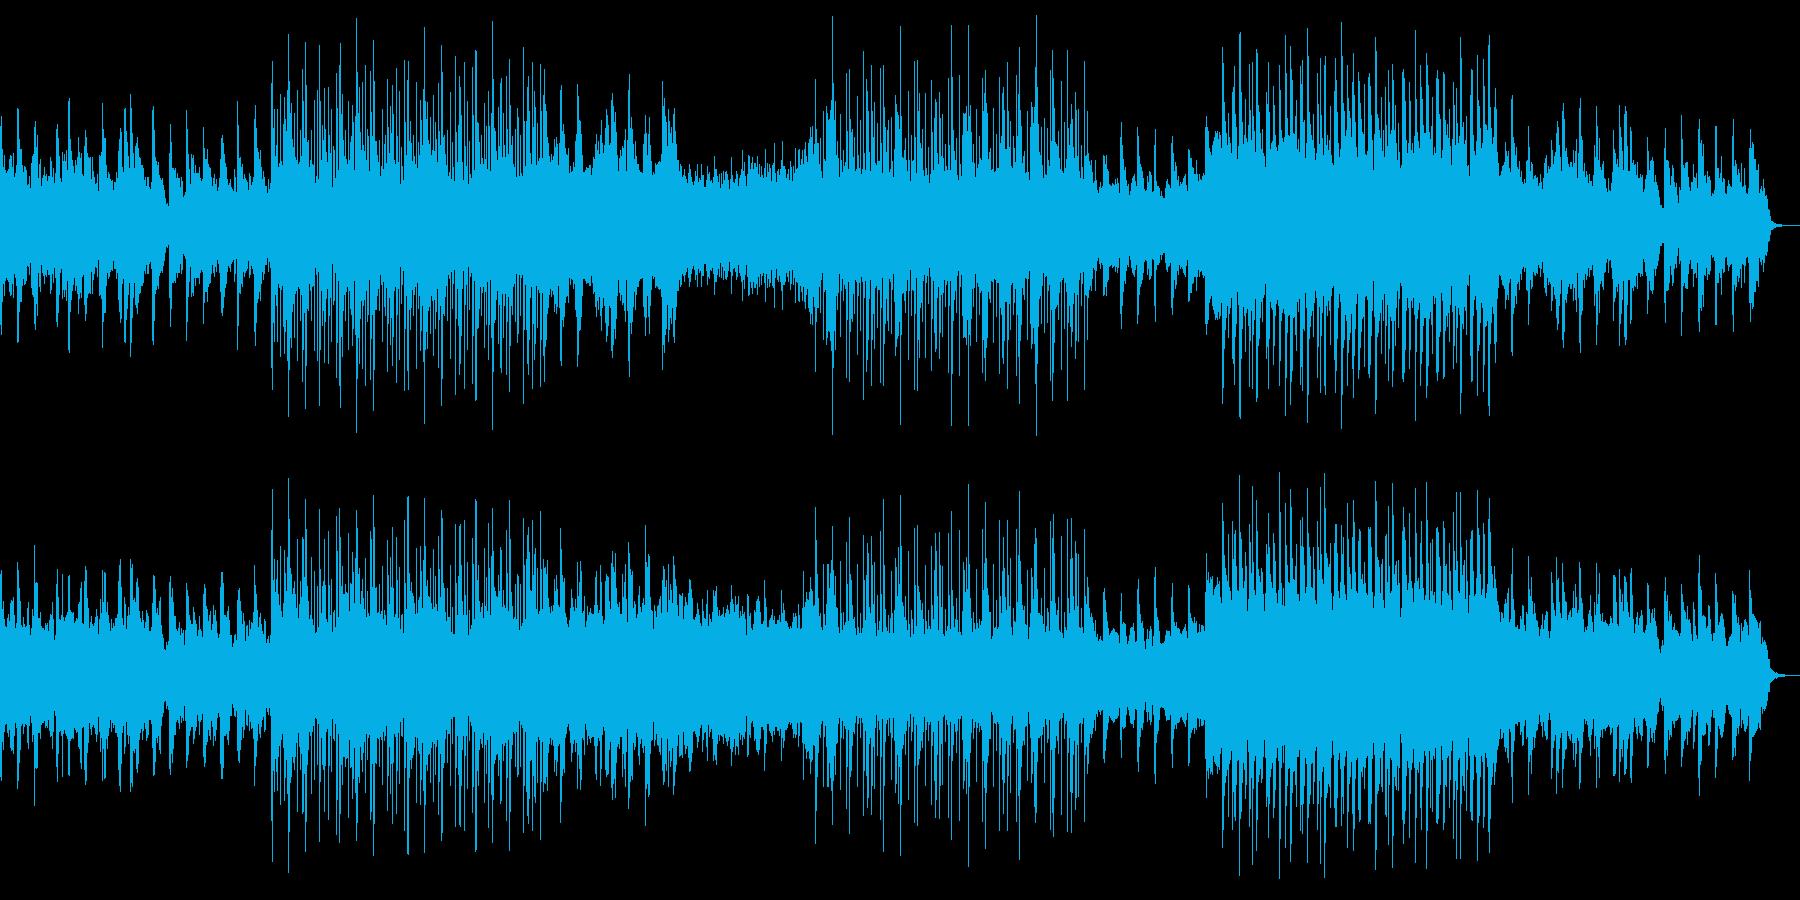 シンフォニックな6/8拍子の再生済みの波形